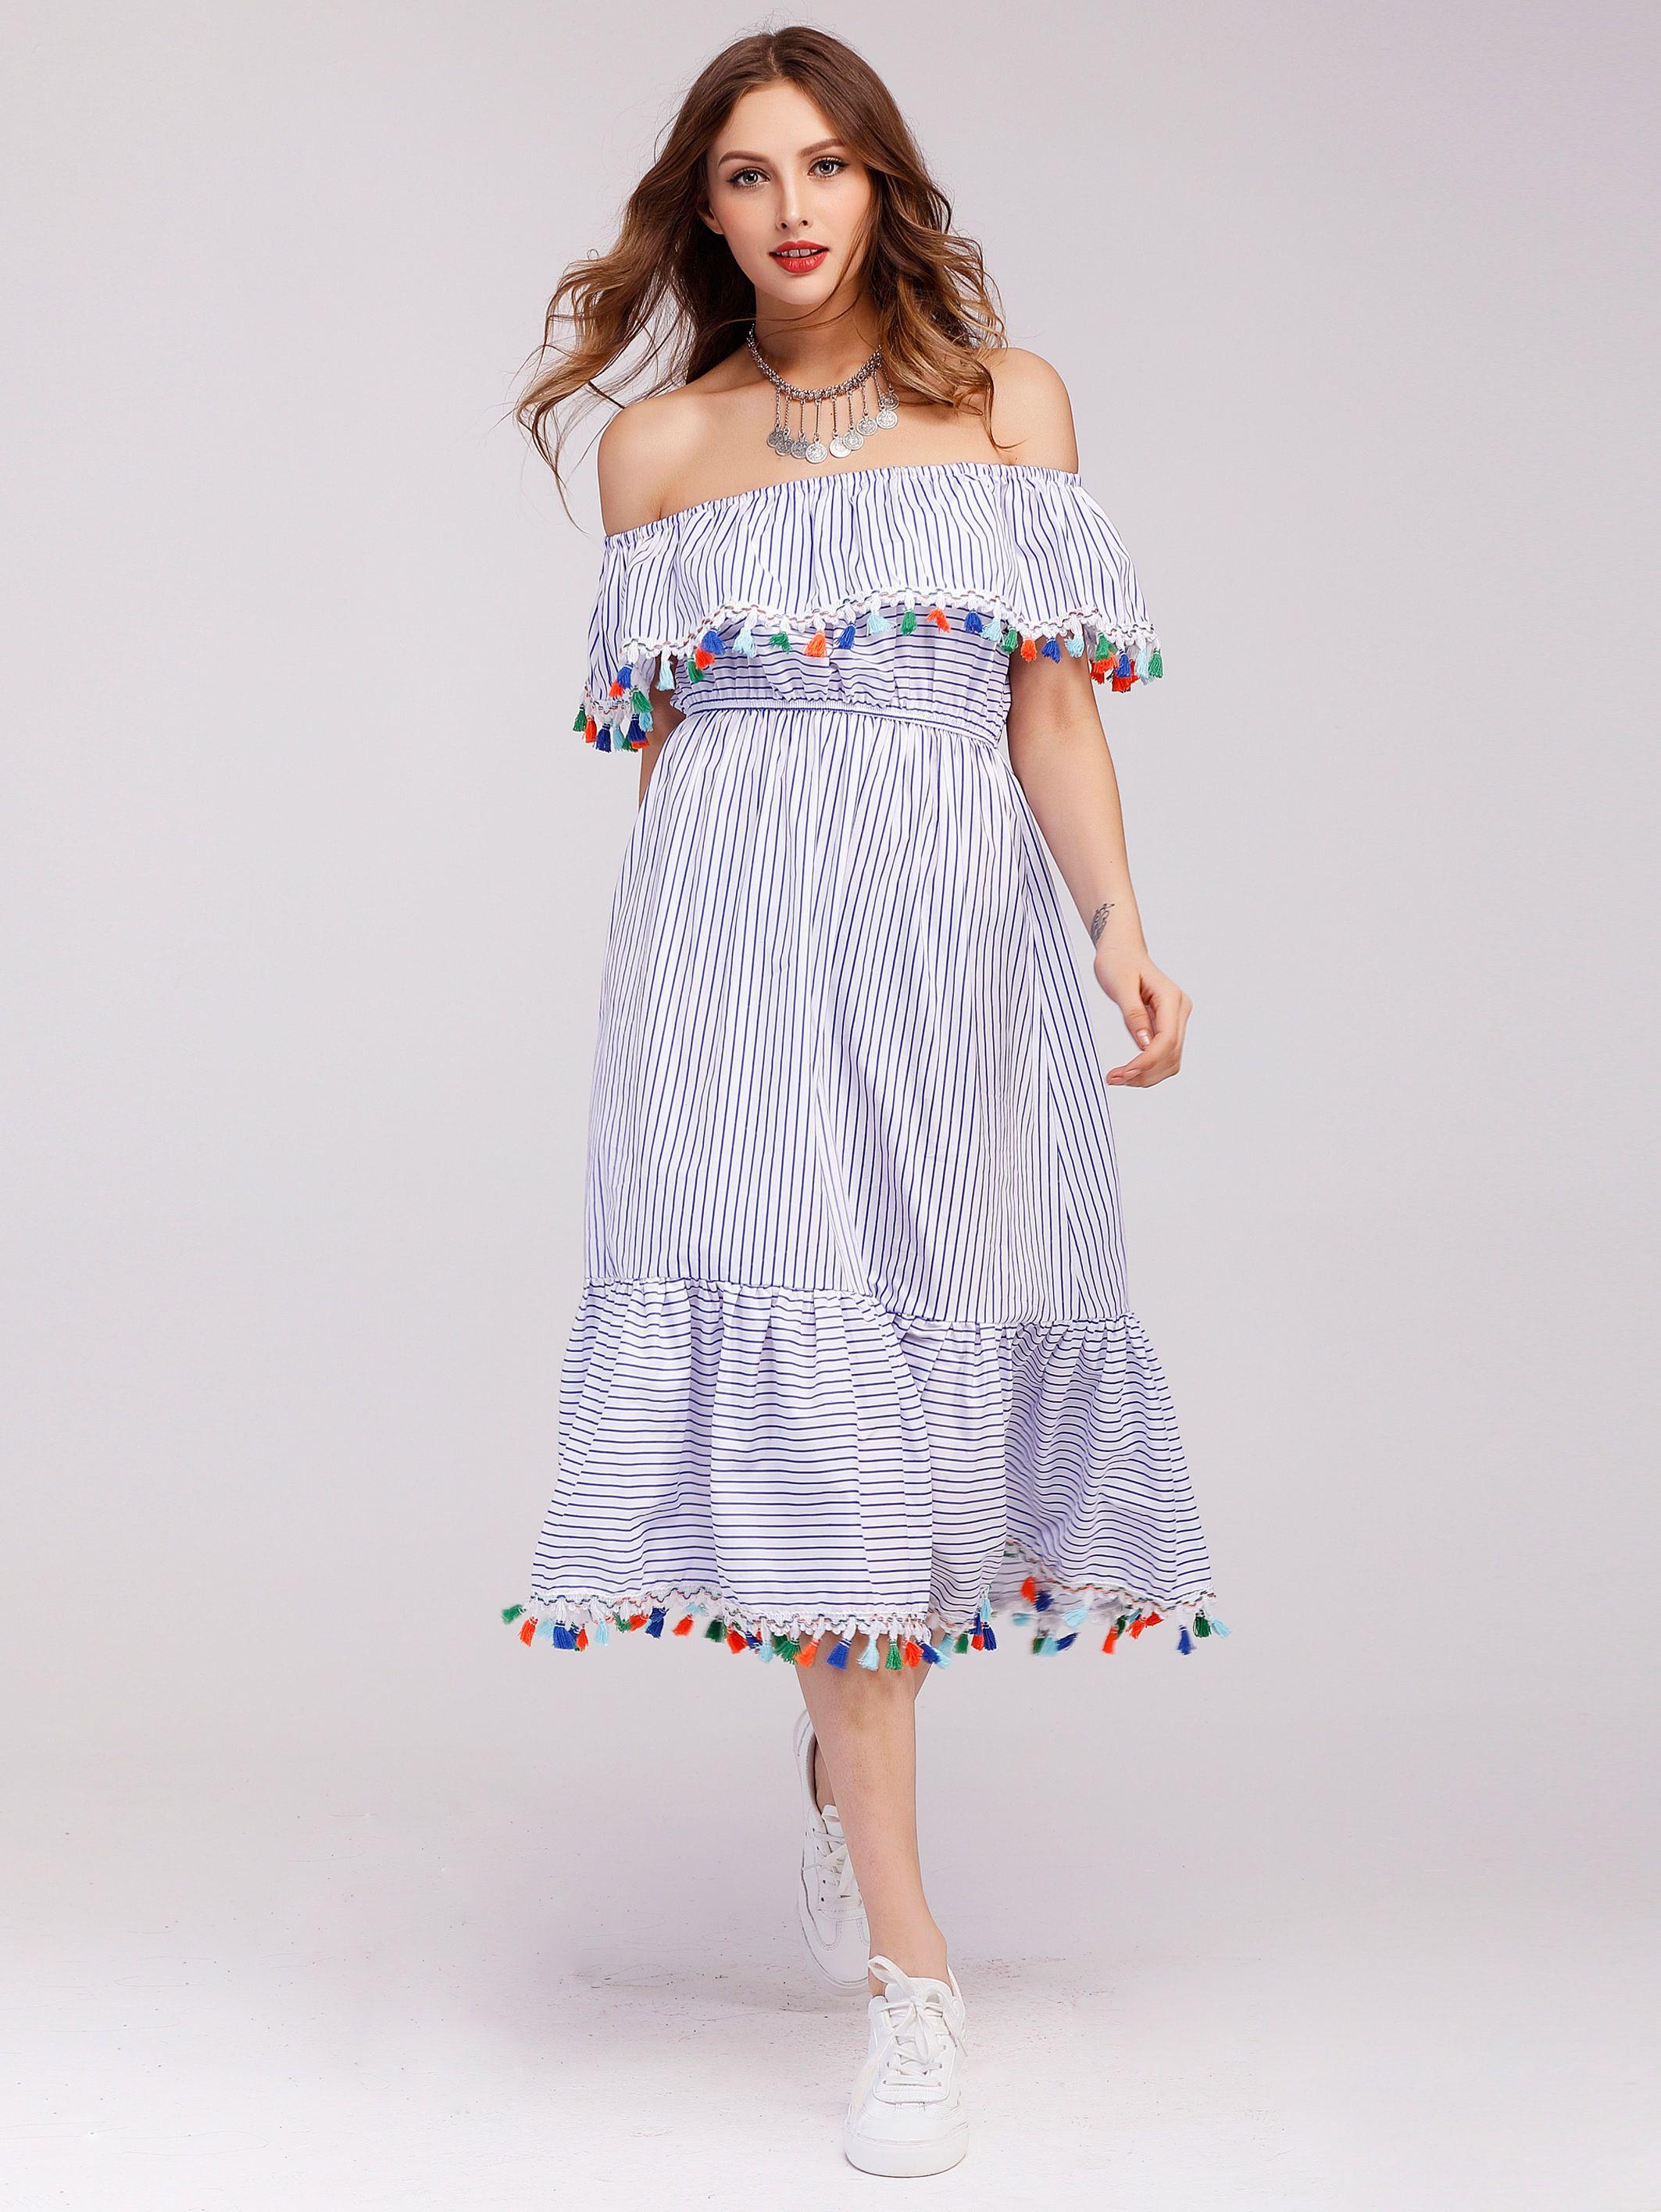 Haz Clic Para Ver Los Detalles Envíos Gratis A Toda España Flounce Layered Neckline Tel Trim Striped Dress Blue Cute Y Vacation Boho